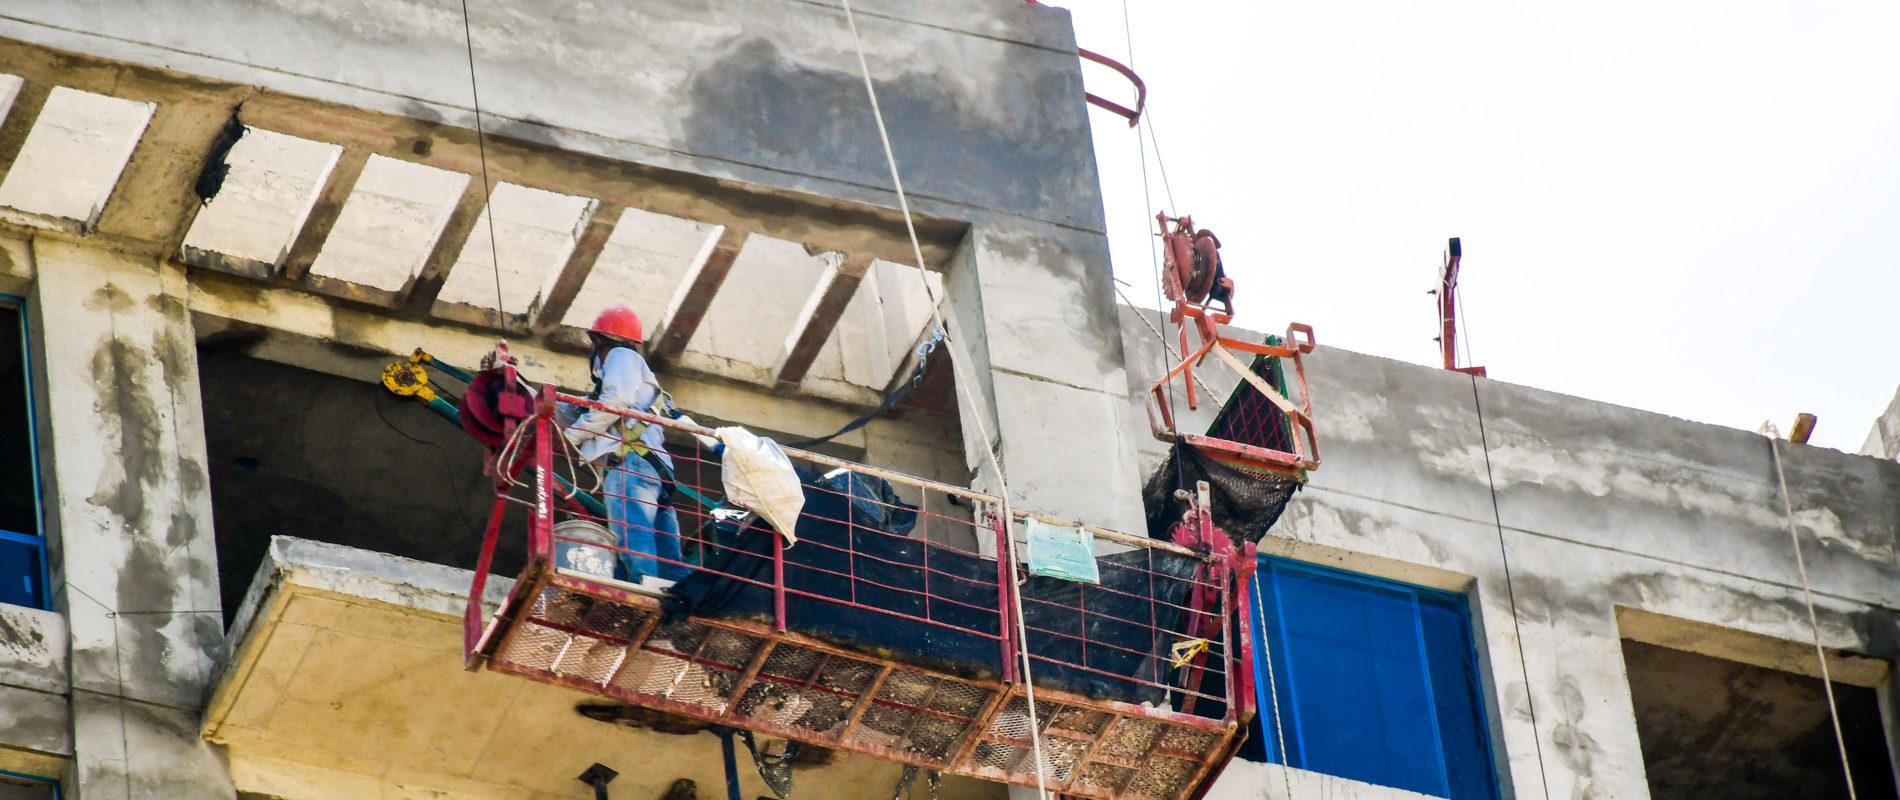 Samuel murió al caer de un sexto piso en una construcción: Tenía tres días trabajando